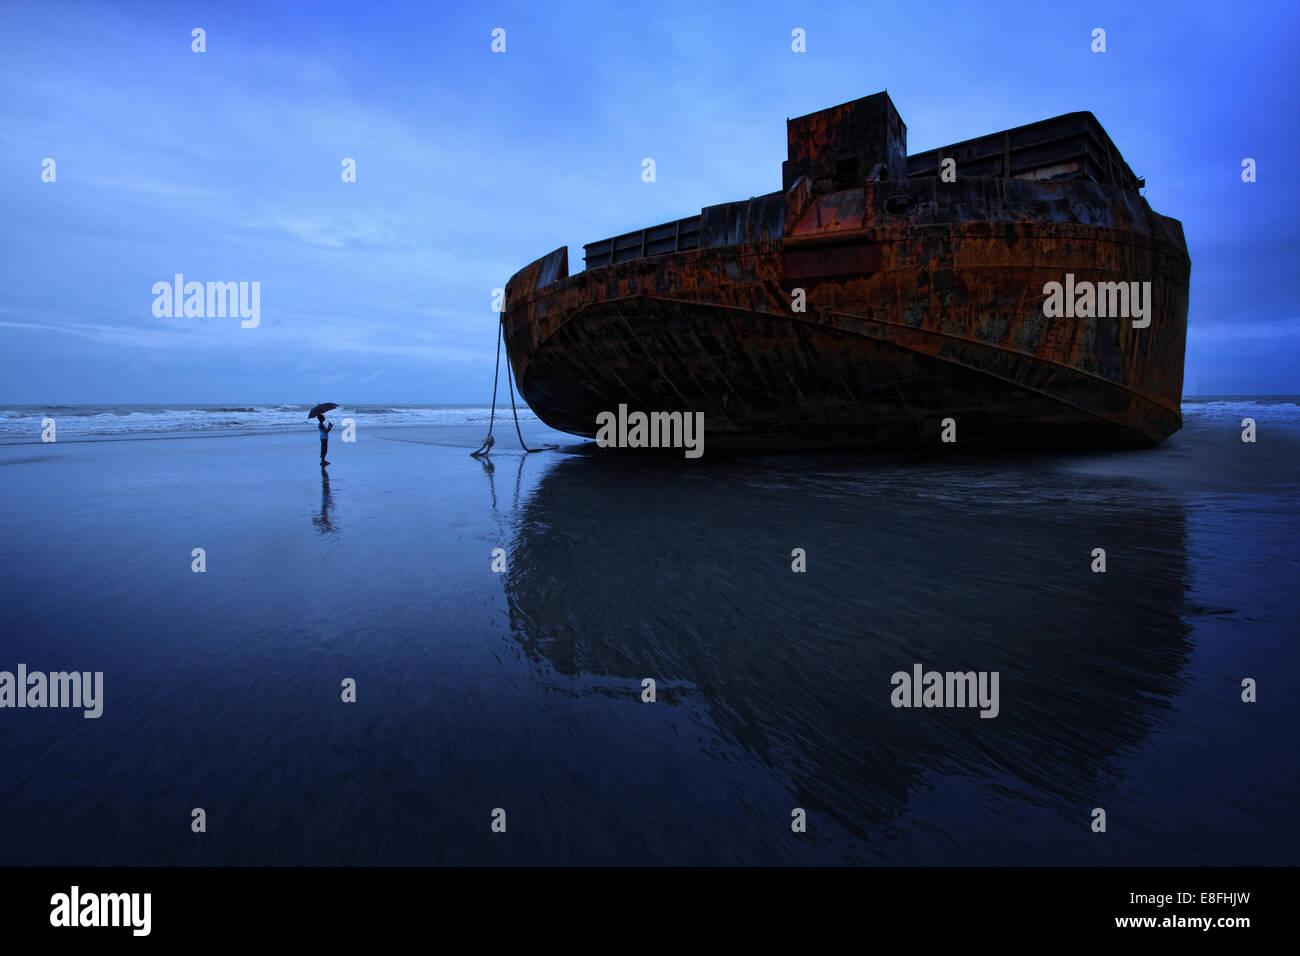 Boy (14-15) écrasés par d'énormes barges abandonnés Photo Stock